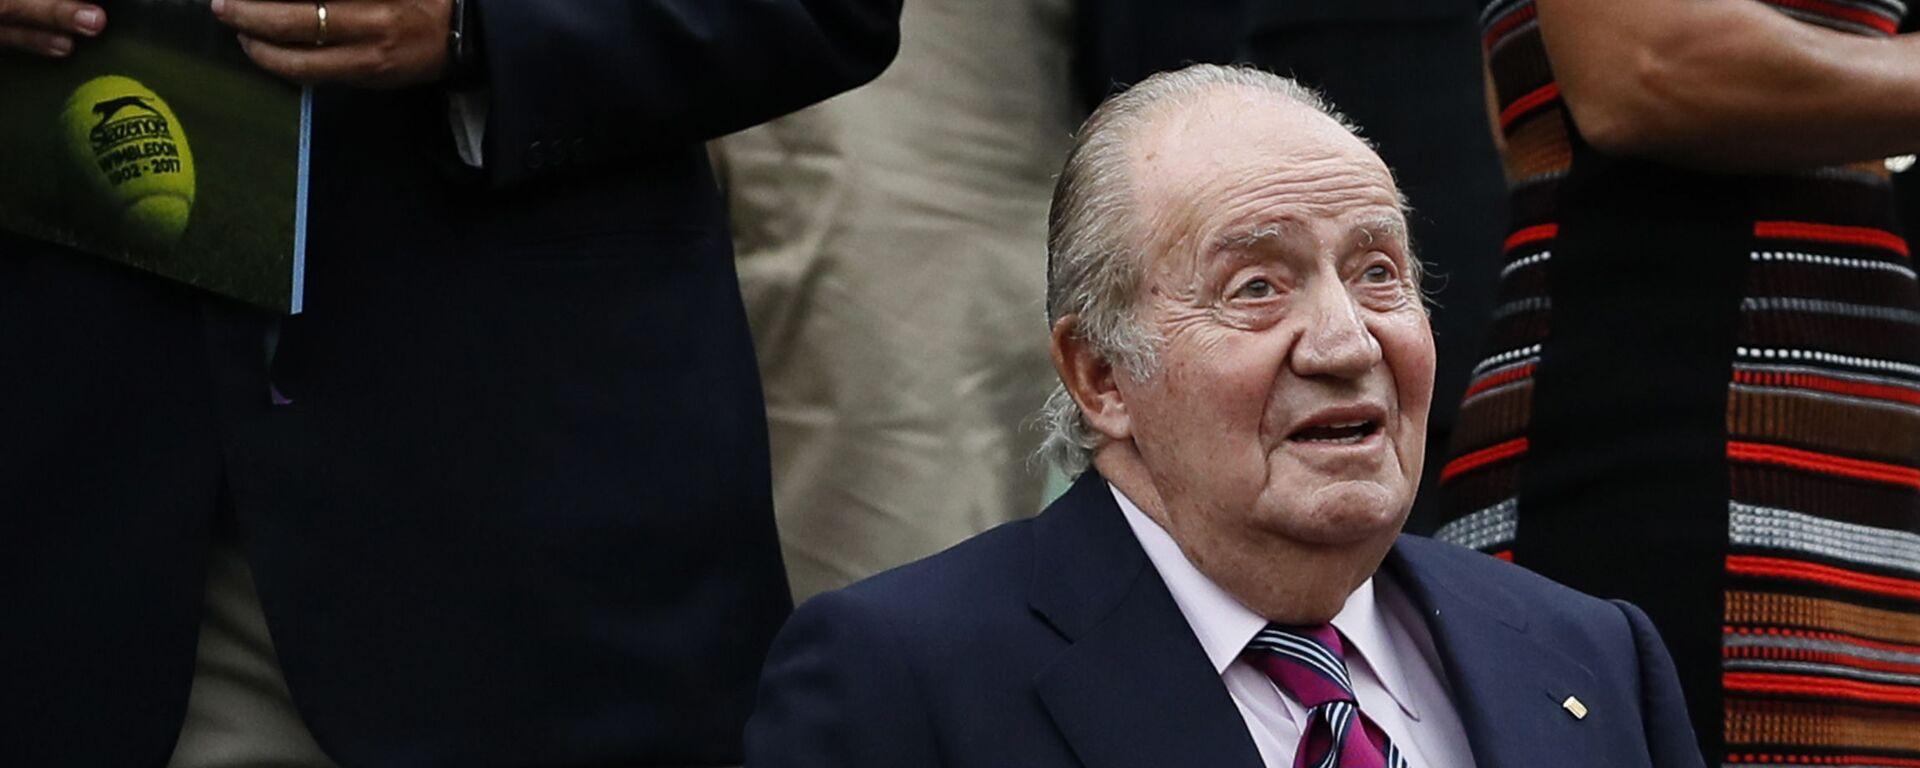 El rey emérito Juan Carlos I, en una imagen de 2017 - Sputnik Mundo, 1920, 02.03.2021